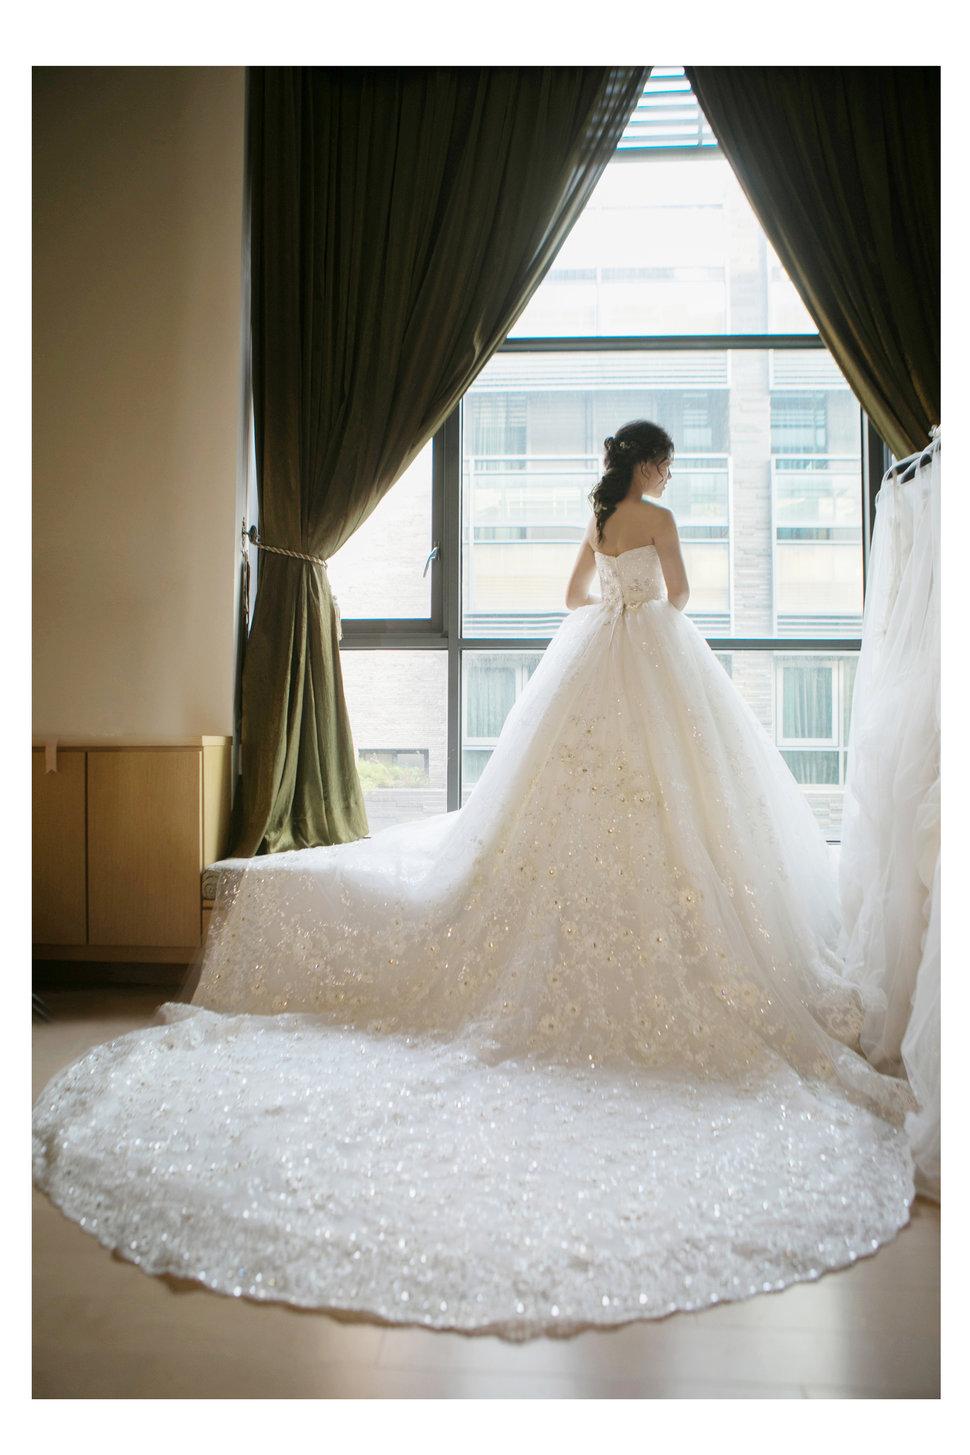 s-54 - 台中2號出口婚紗攝影工作室 - 結婚吧